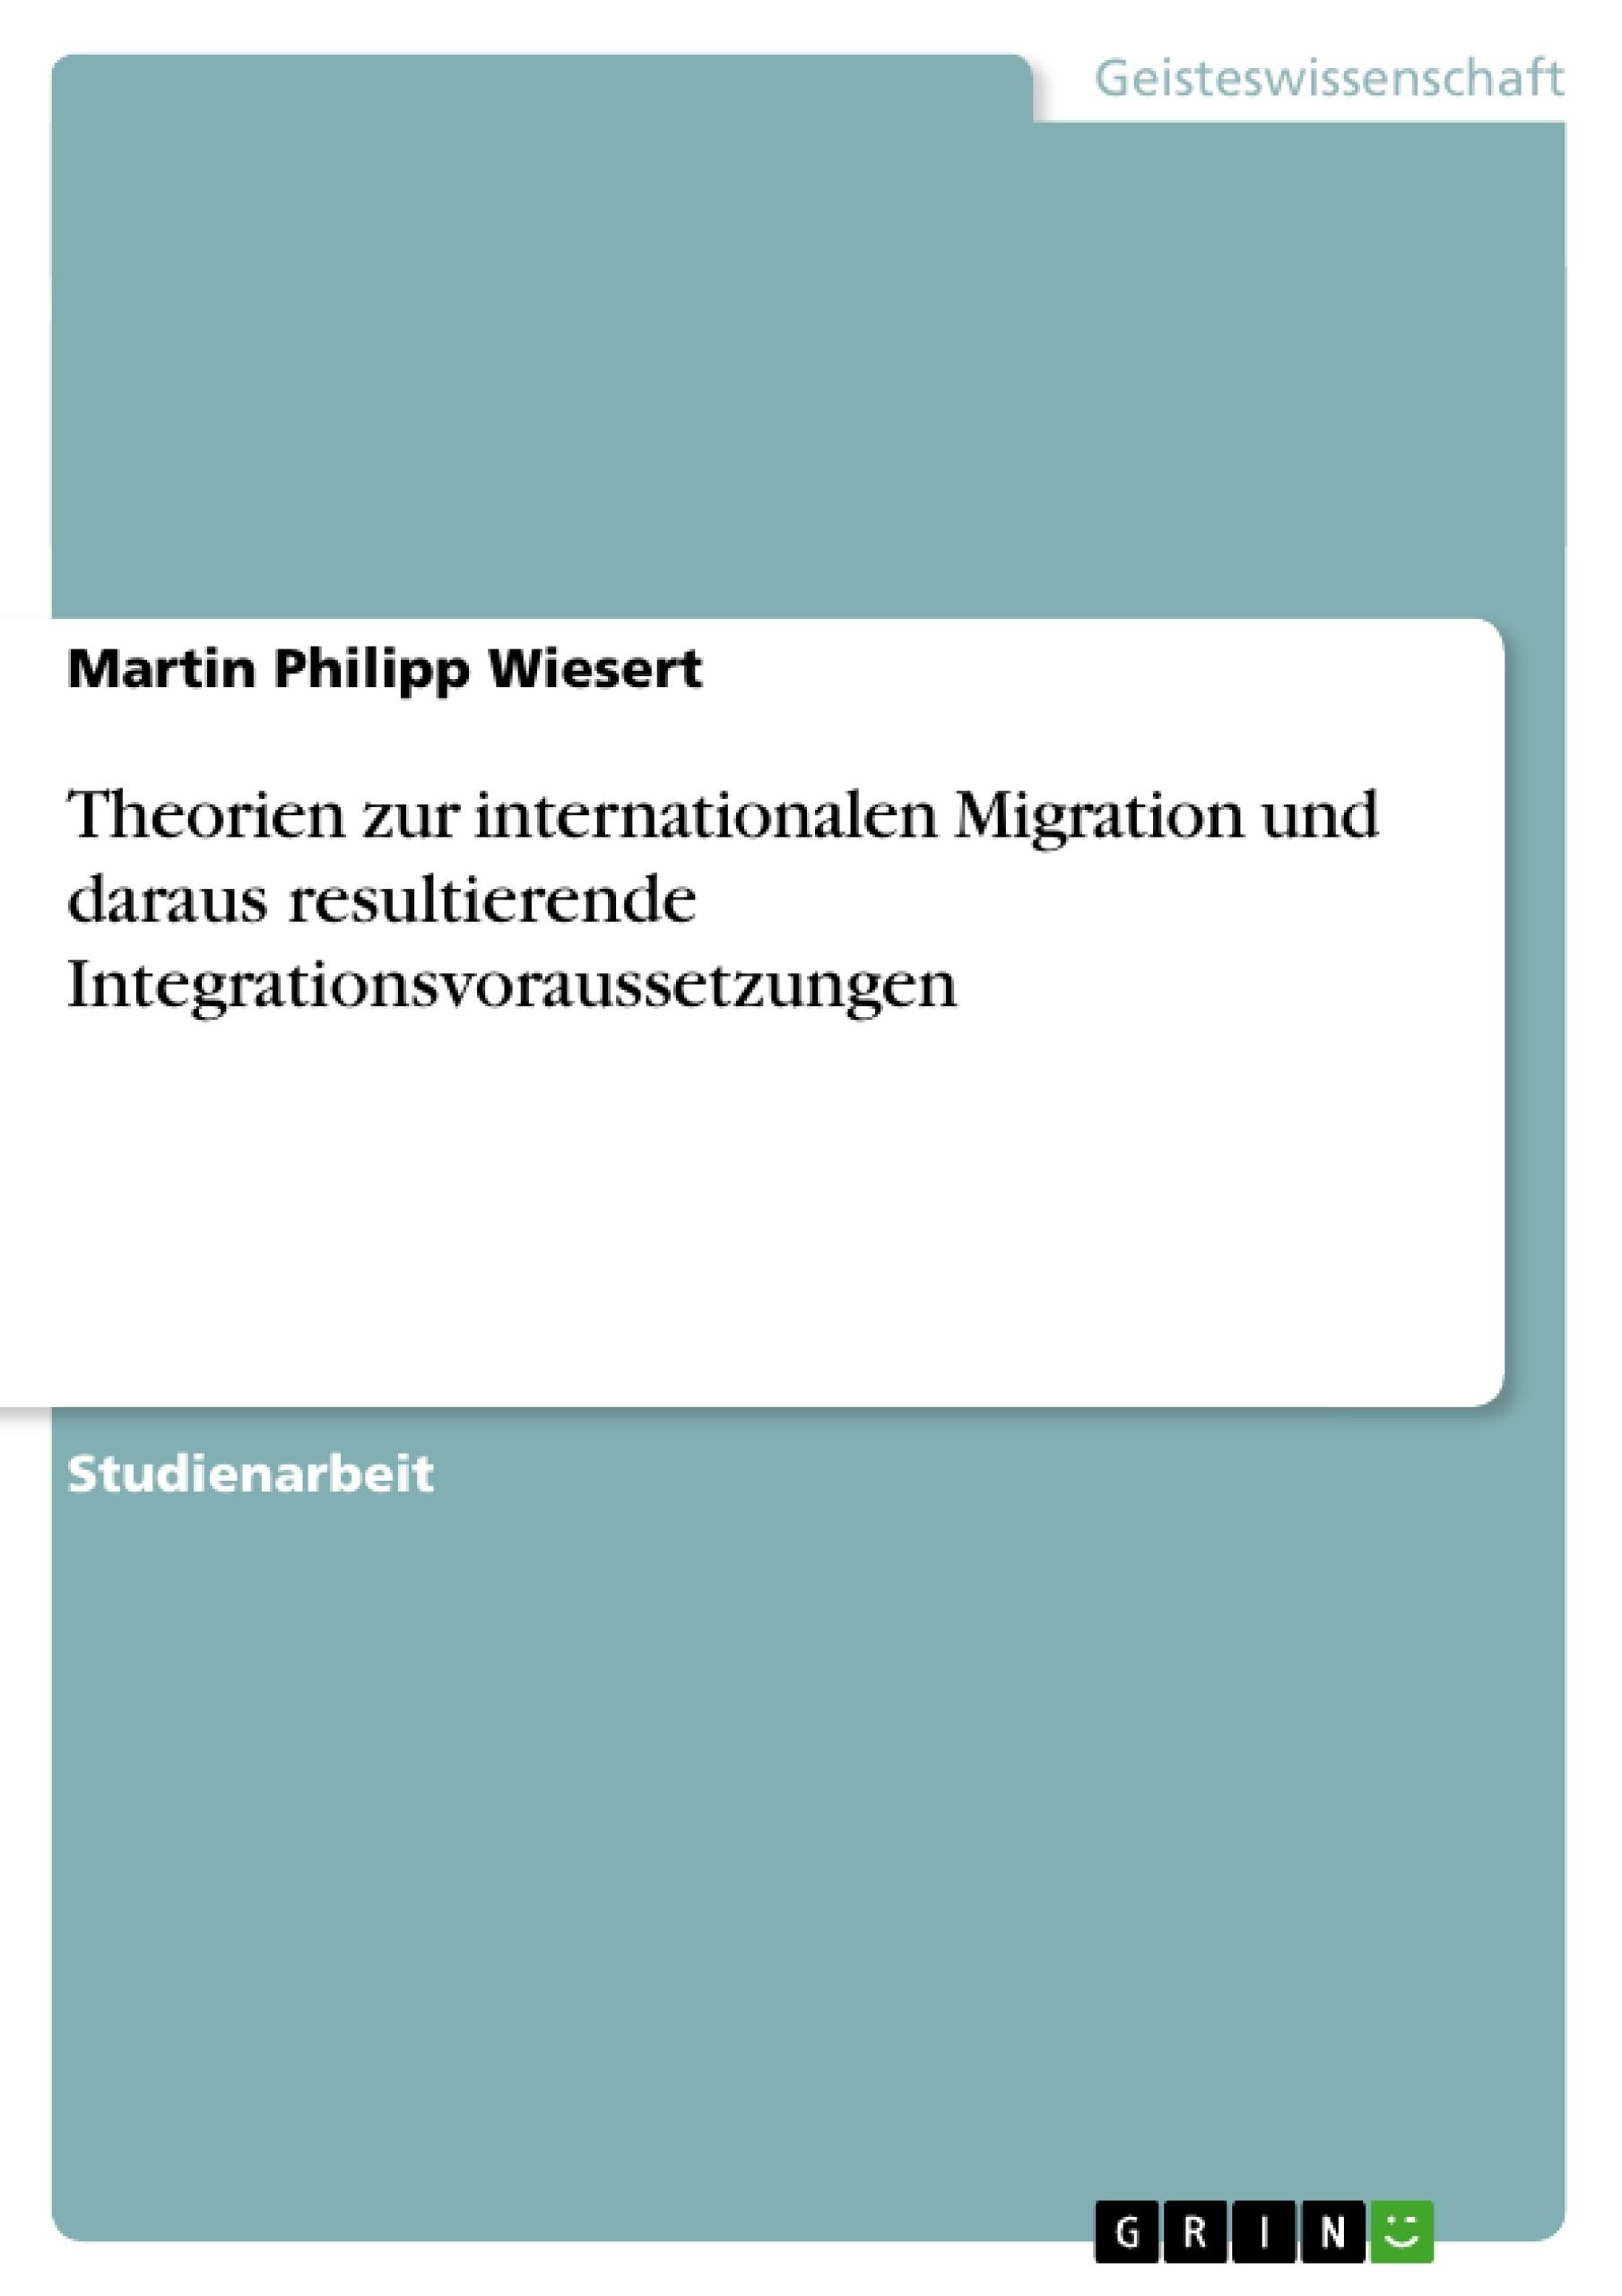 Titel: Theorien zur internationalen Migration und daraus resultierende Integrationsvoraussetzungen